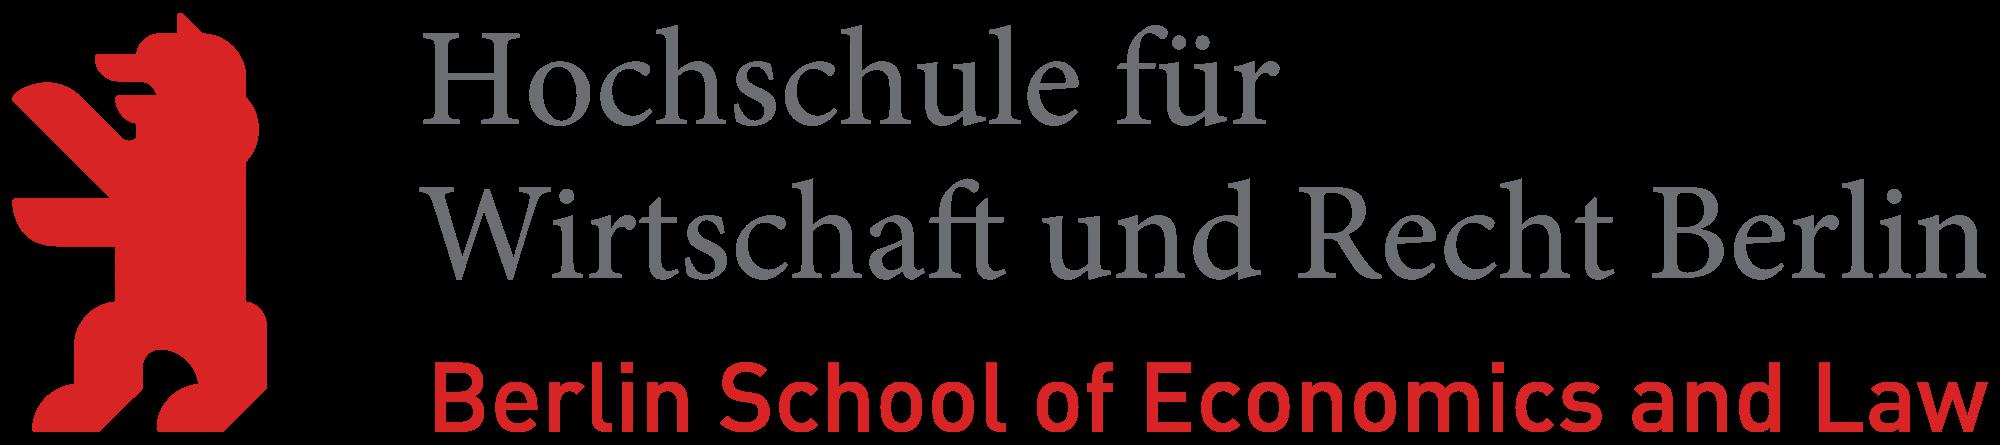 hochschule_fuer_wirtschaft_und_recht_berlin